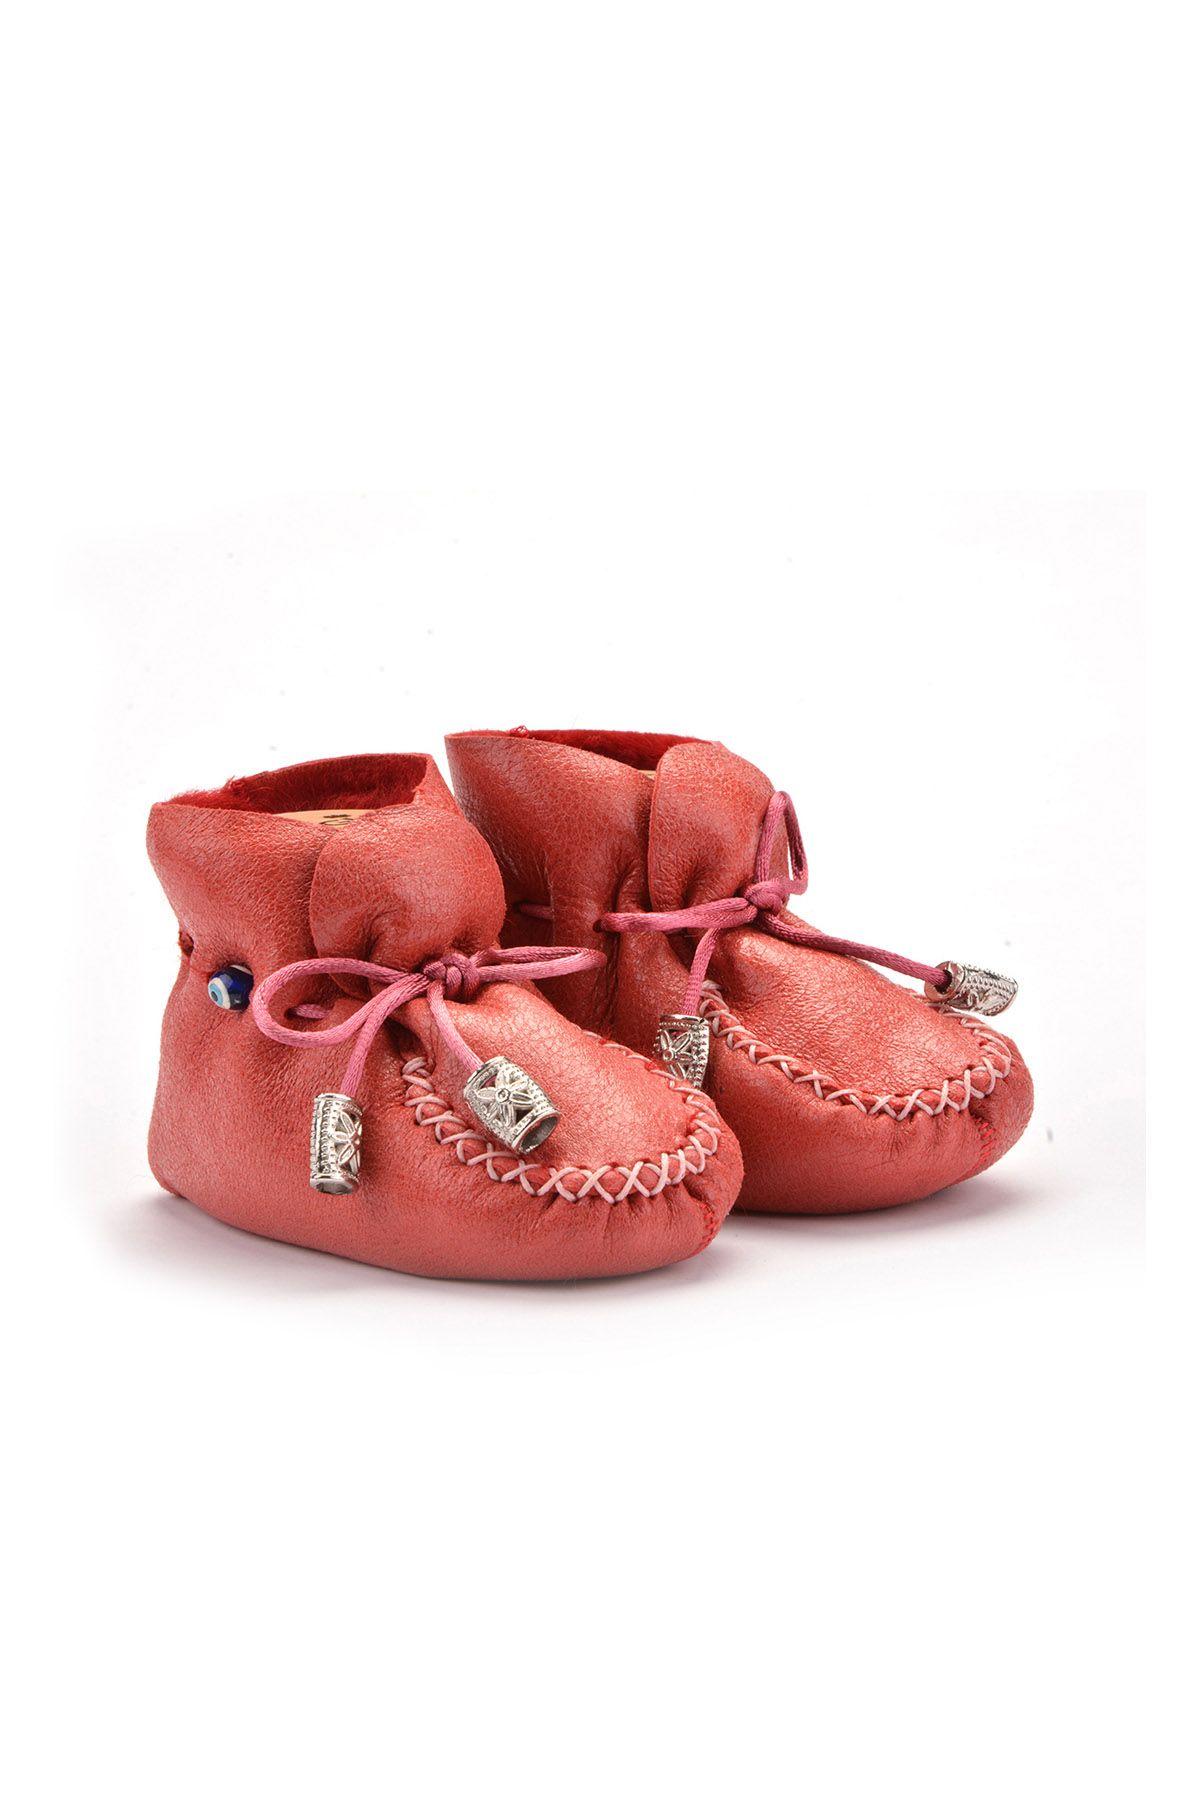 Pegia Hakiki Kürklü Bağcıklı Bebek Patiği 141003 Kırmızı